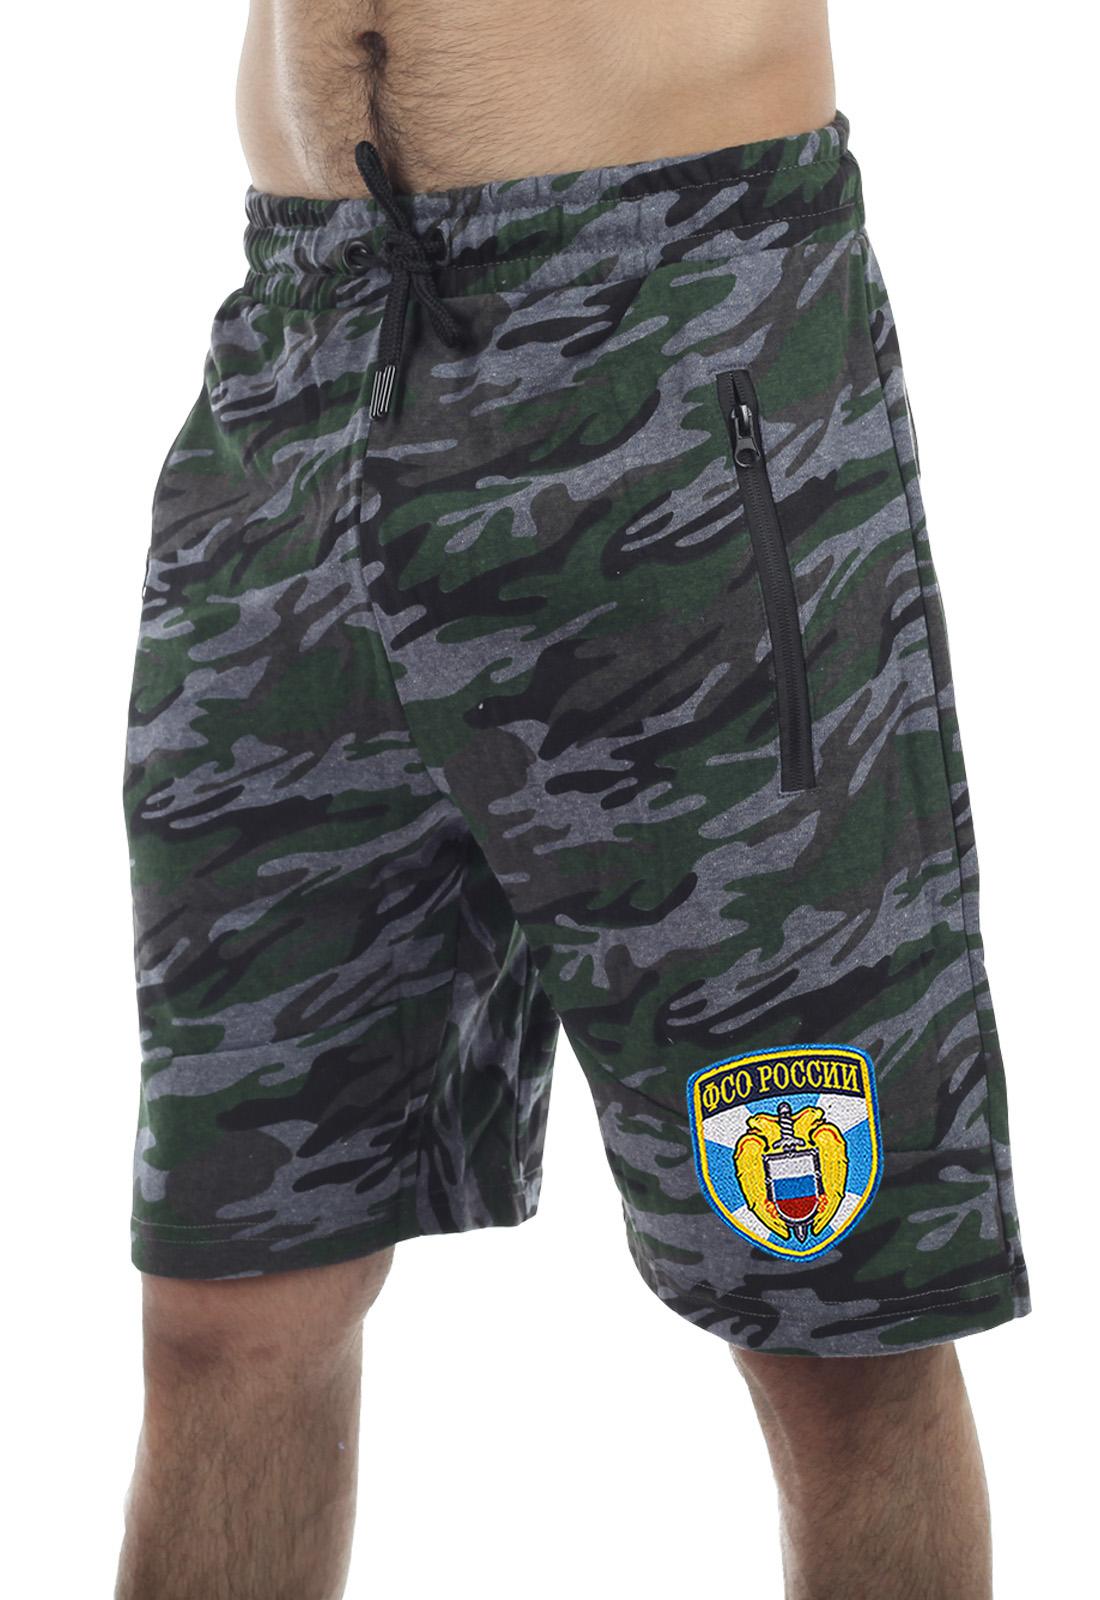 Купить мужские камуфляжные шорты с нашивкой ФСО в подарок любимому